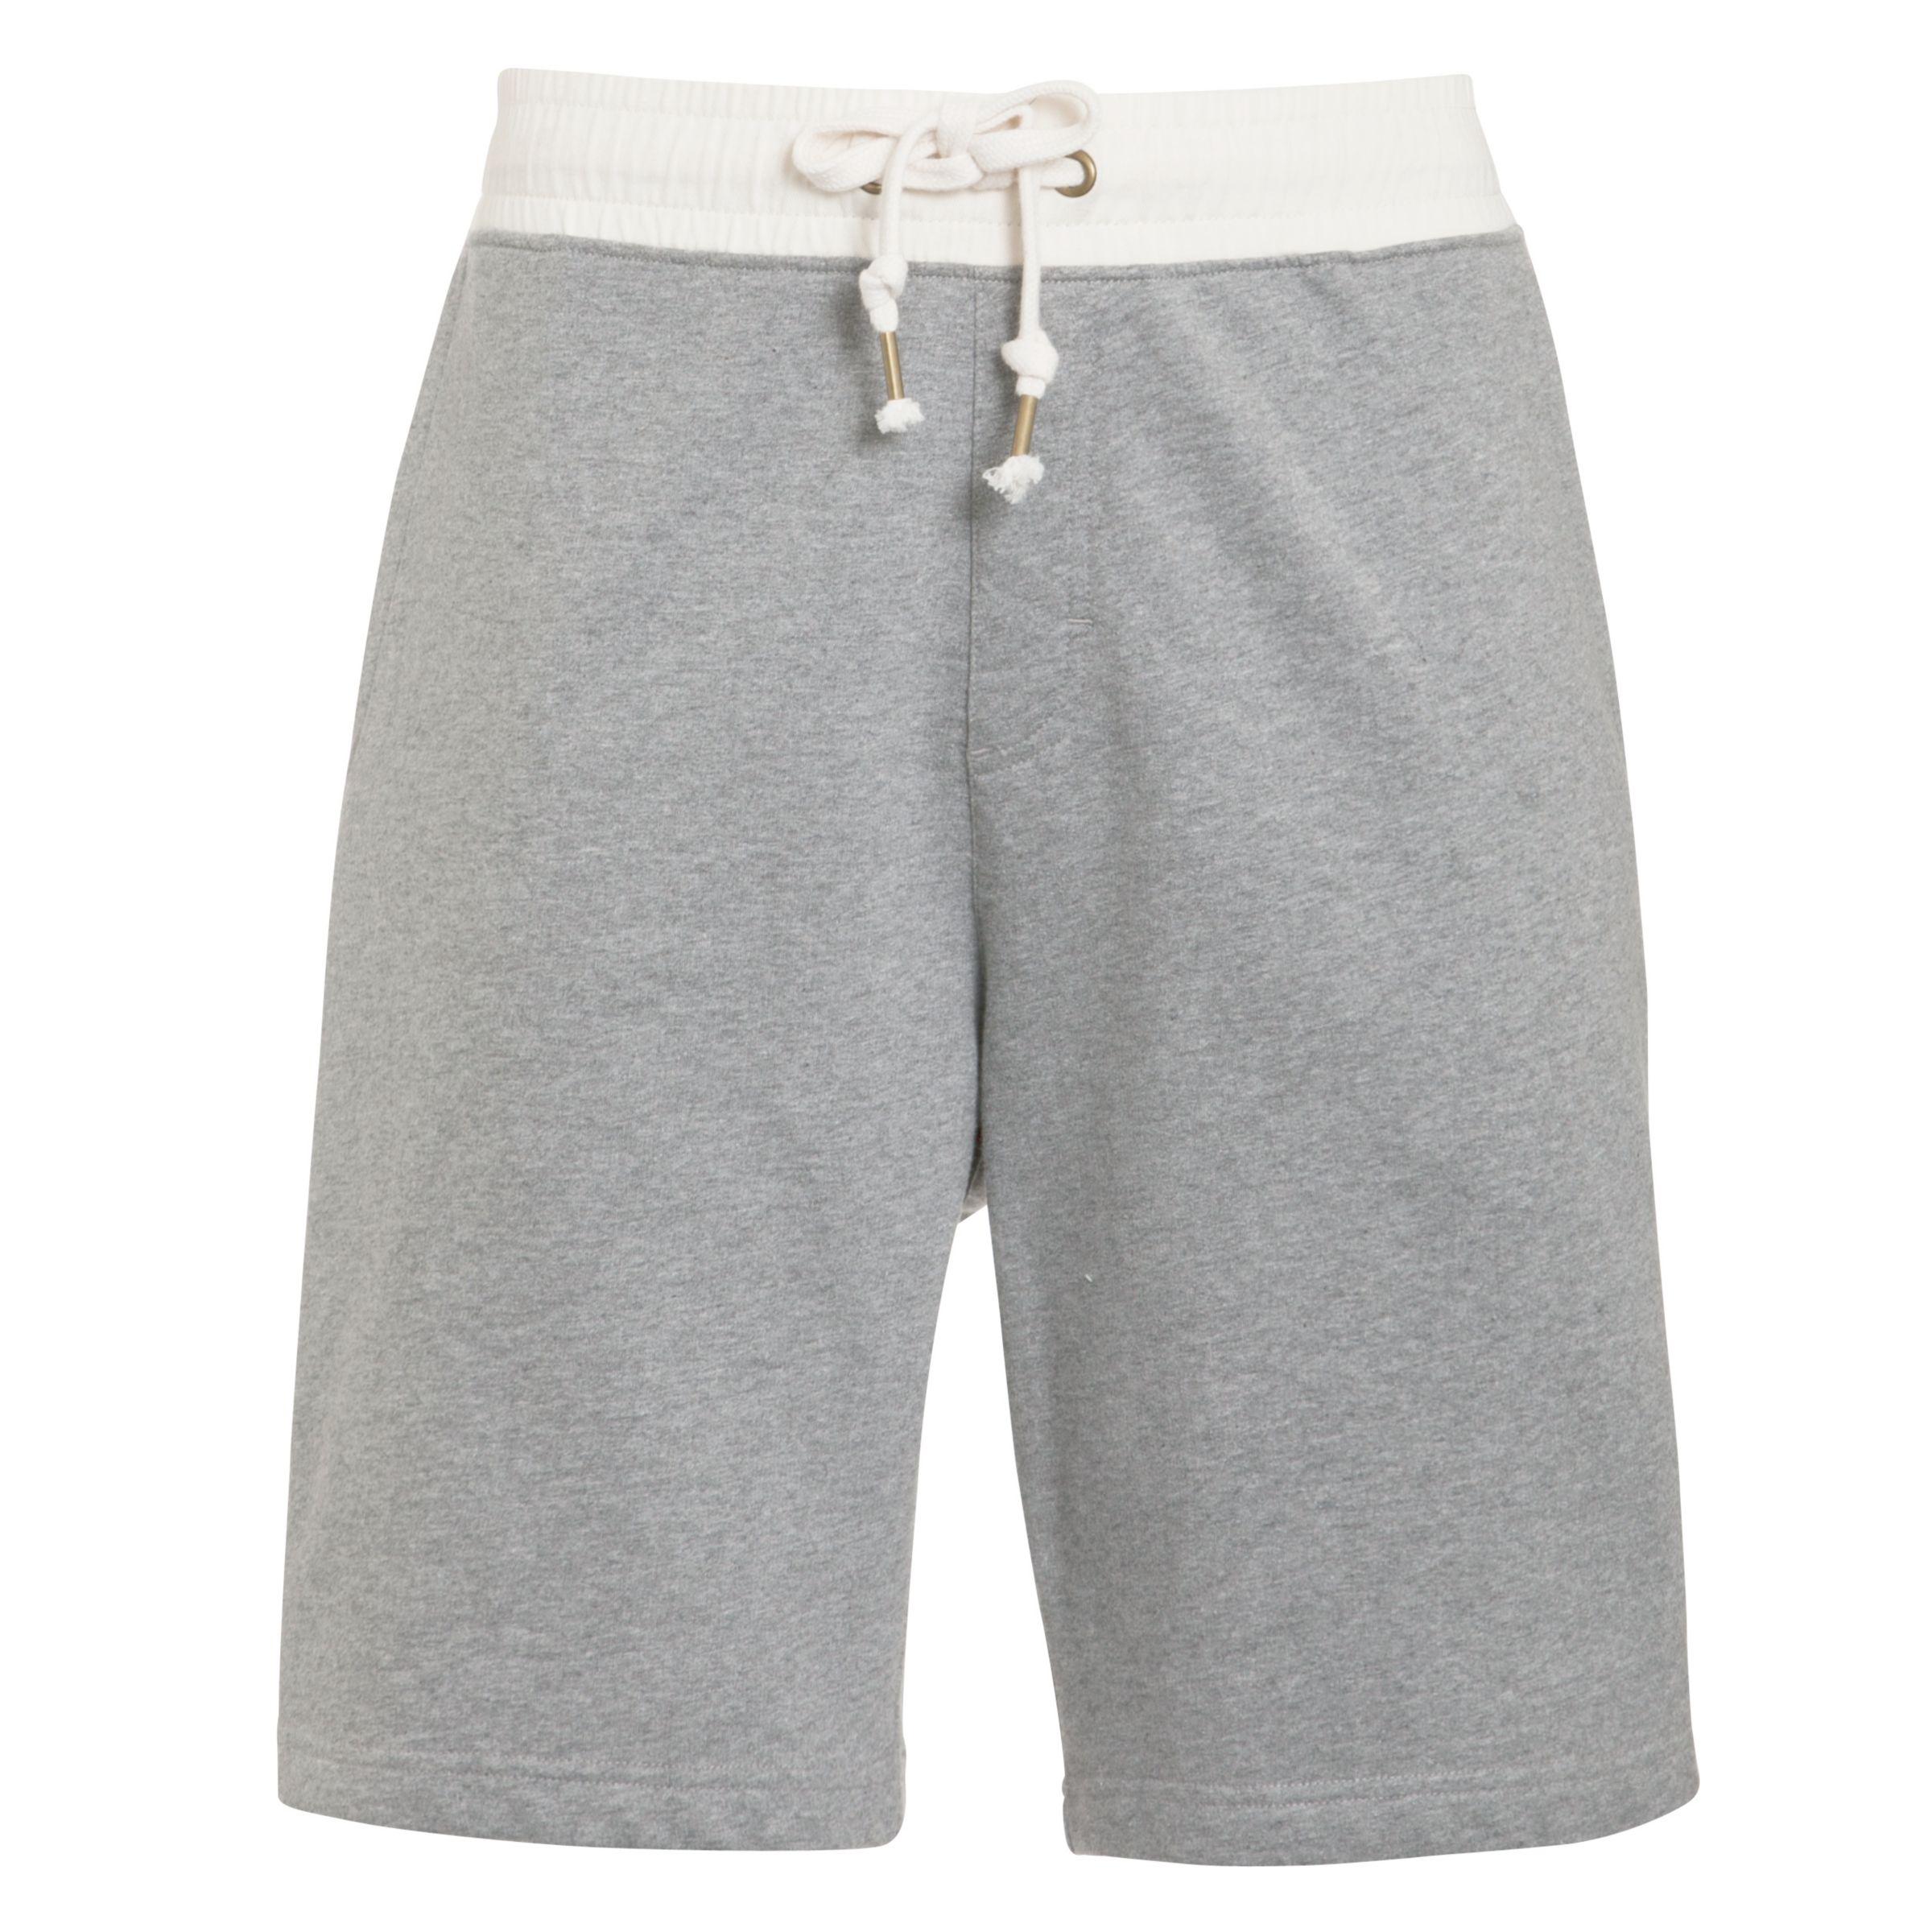 Kin by John Lewis Melange Jersey Shorts, Grey